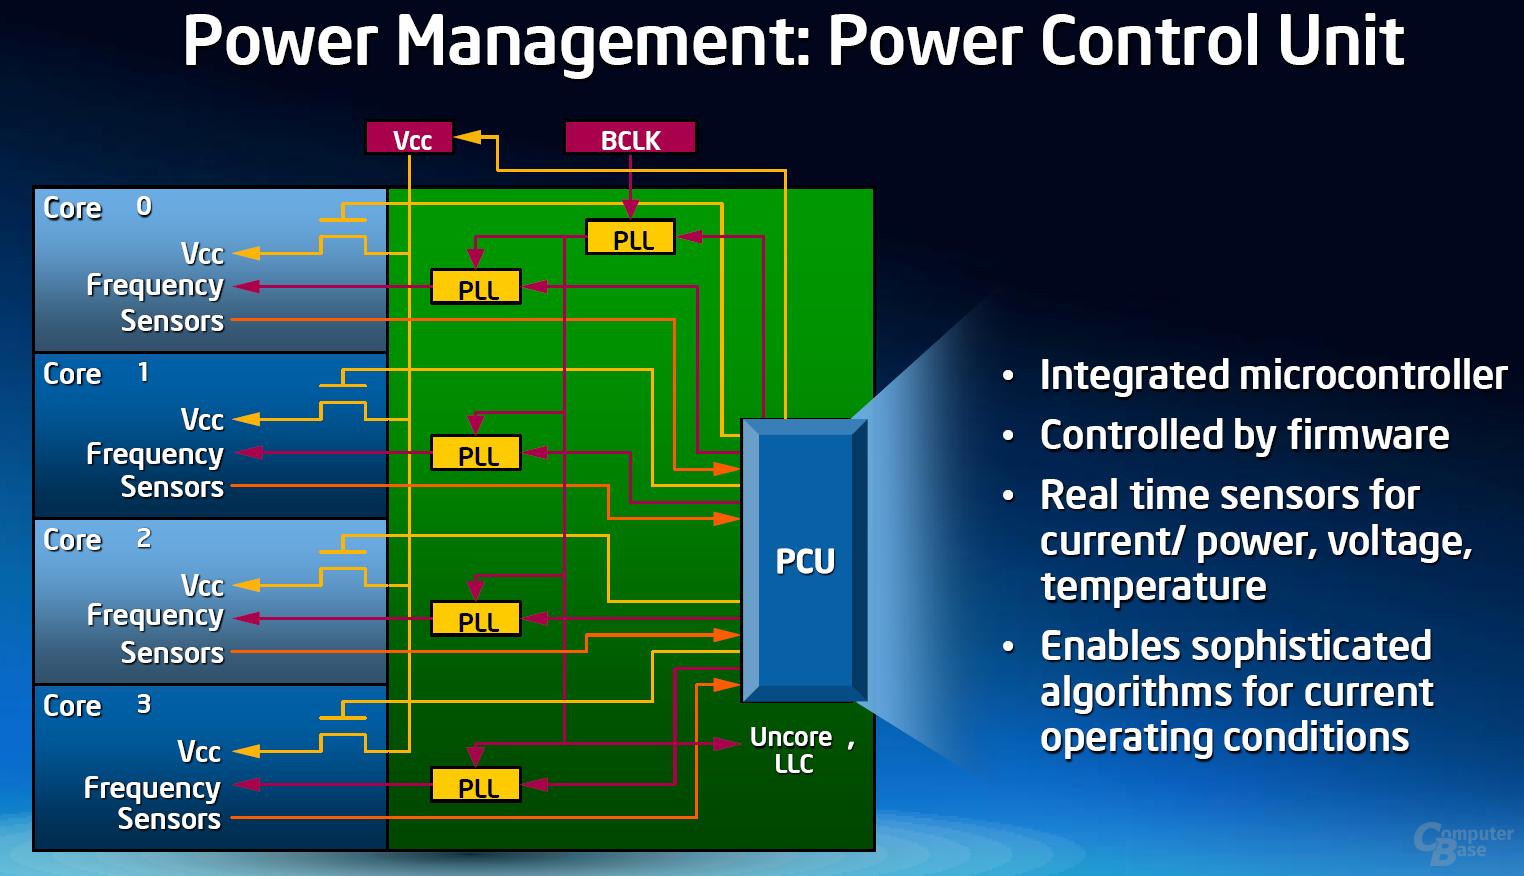 Power Control Unit